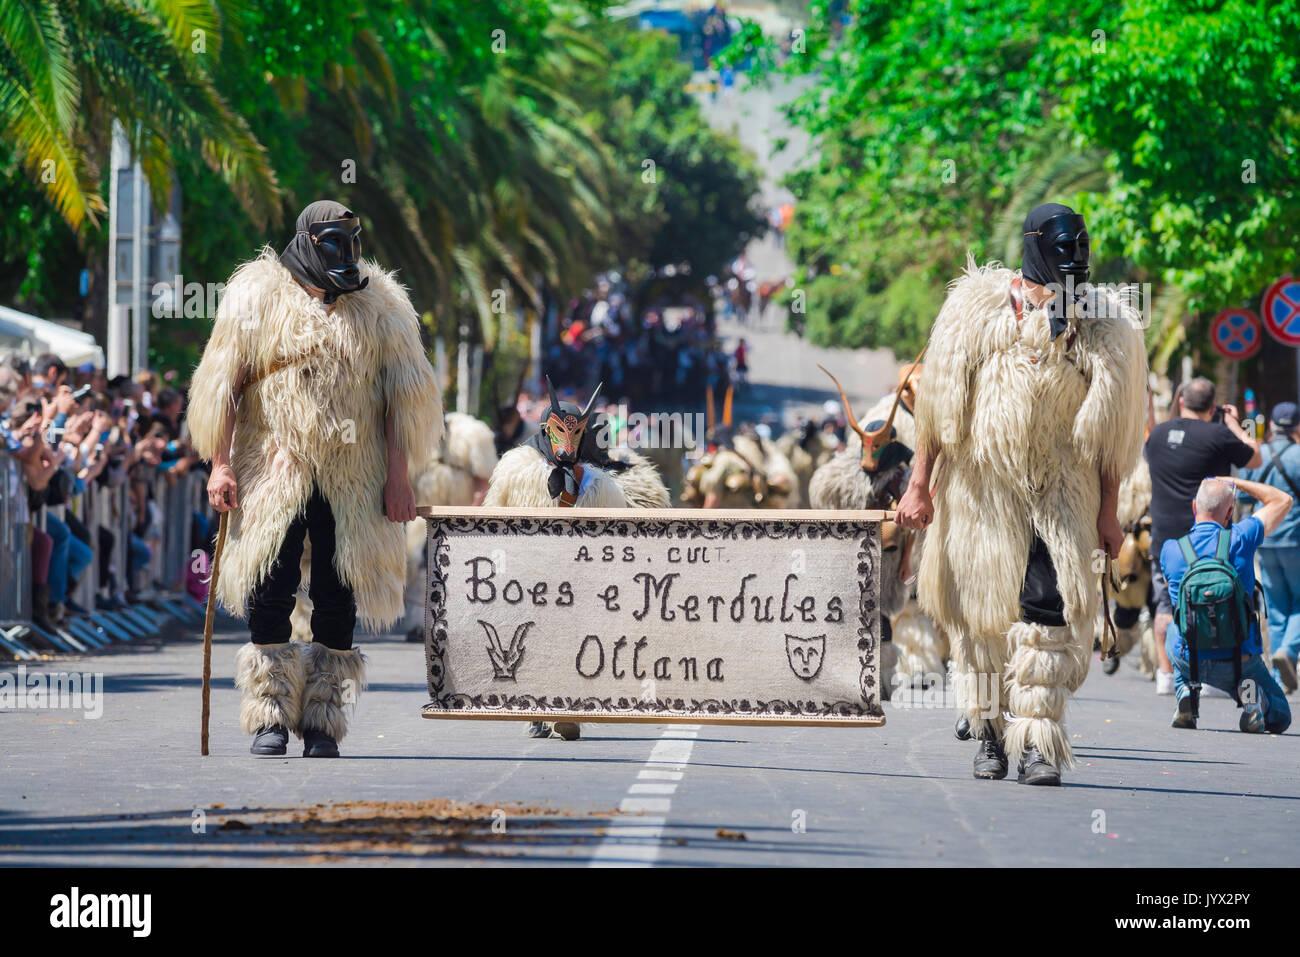 Cerdeña festival tradicional, hombres vestidos como Boes y Merdules - figuras tradicionales en piel de cordero Imagen De Stock